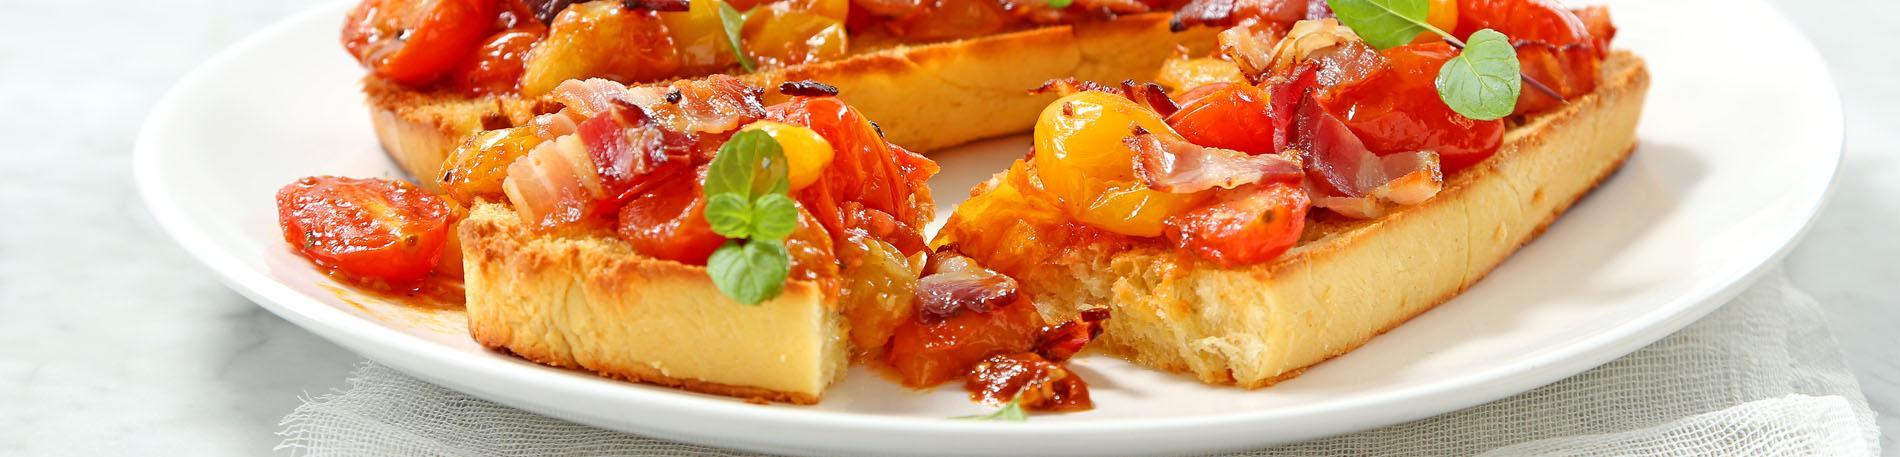 Salteado de tomates y aceto sobre crocante brioche